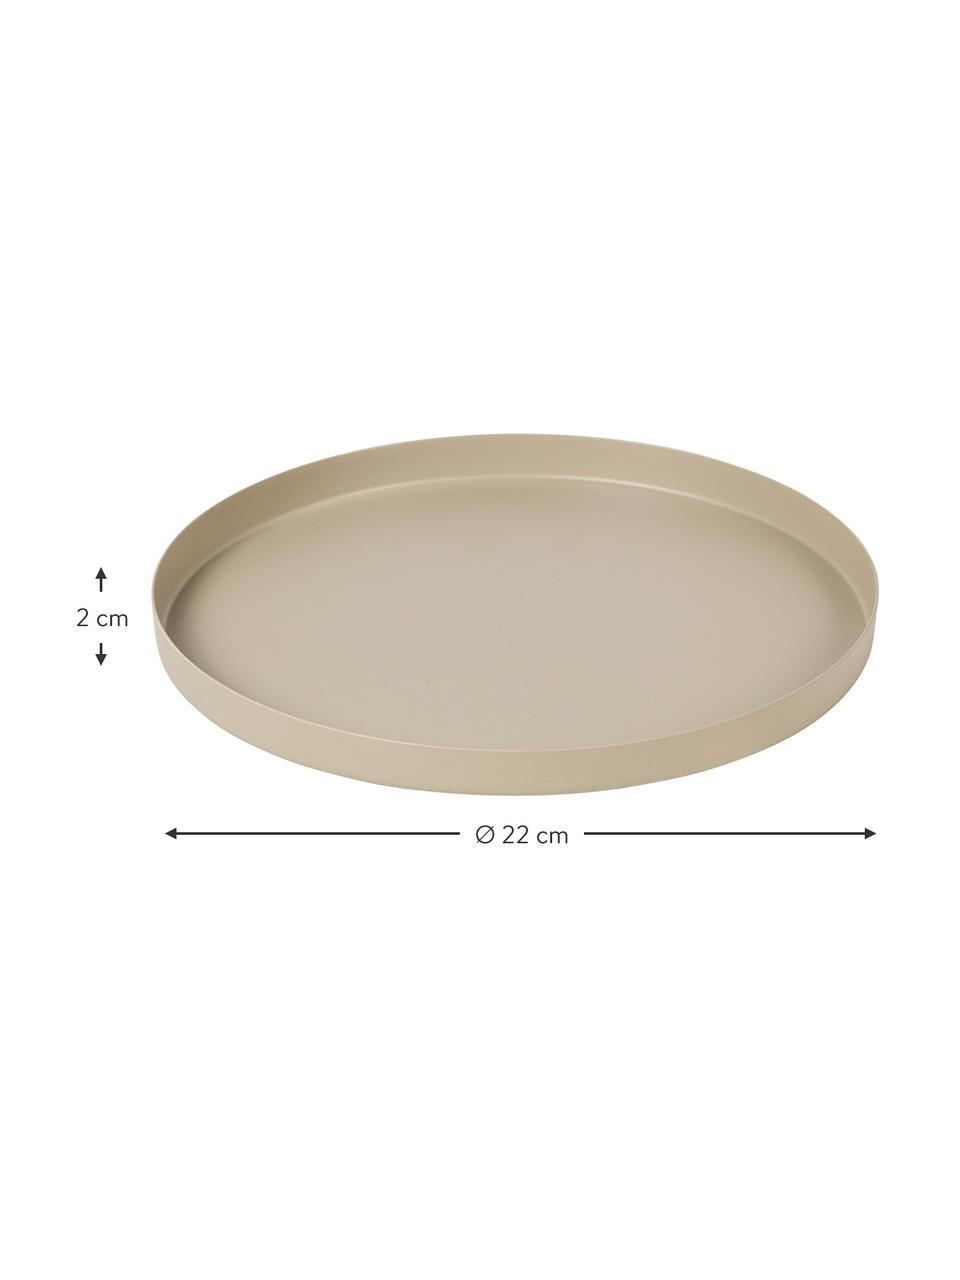 Deko-Tablett Donna in Beige, Ø 22 cm, Metall, beschichtet, Beige, Ø 22 cm